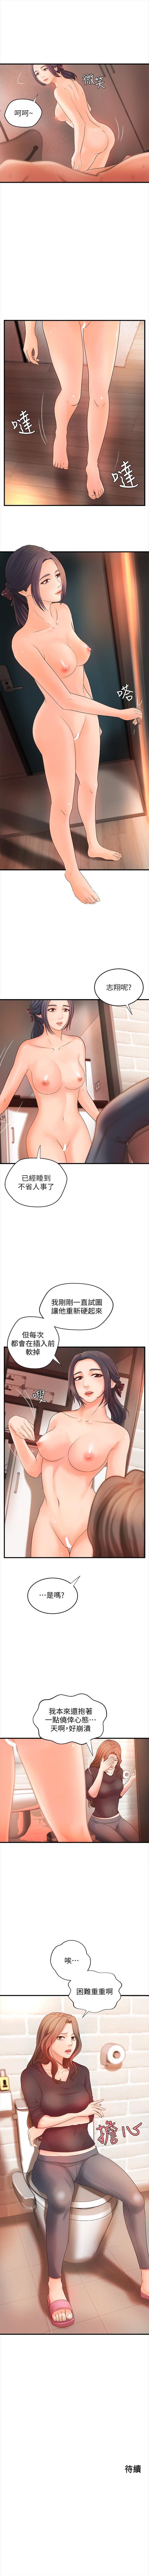 御姐的實戰教學 1-27 官方中文(連載中) 71